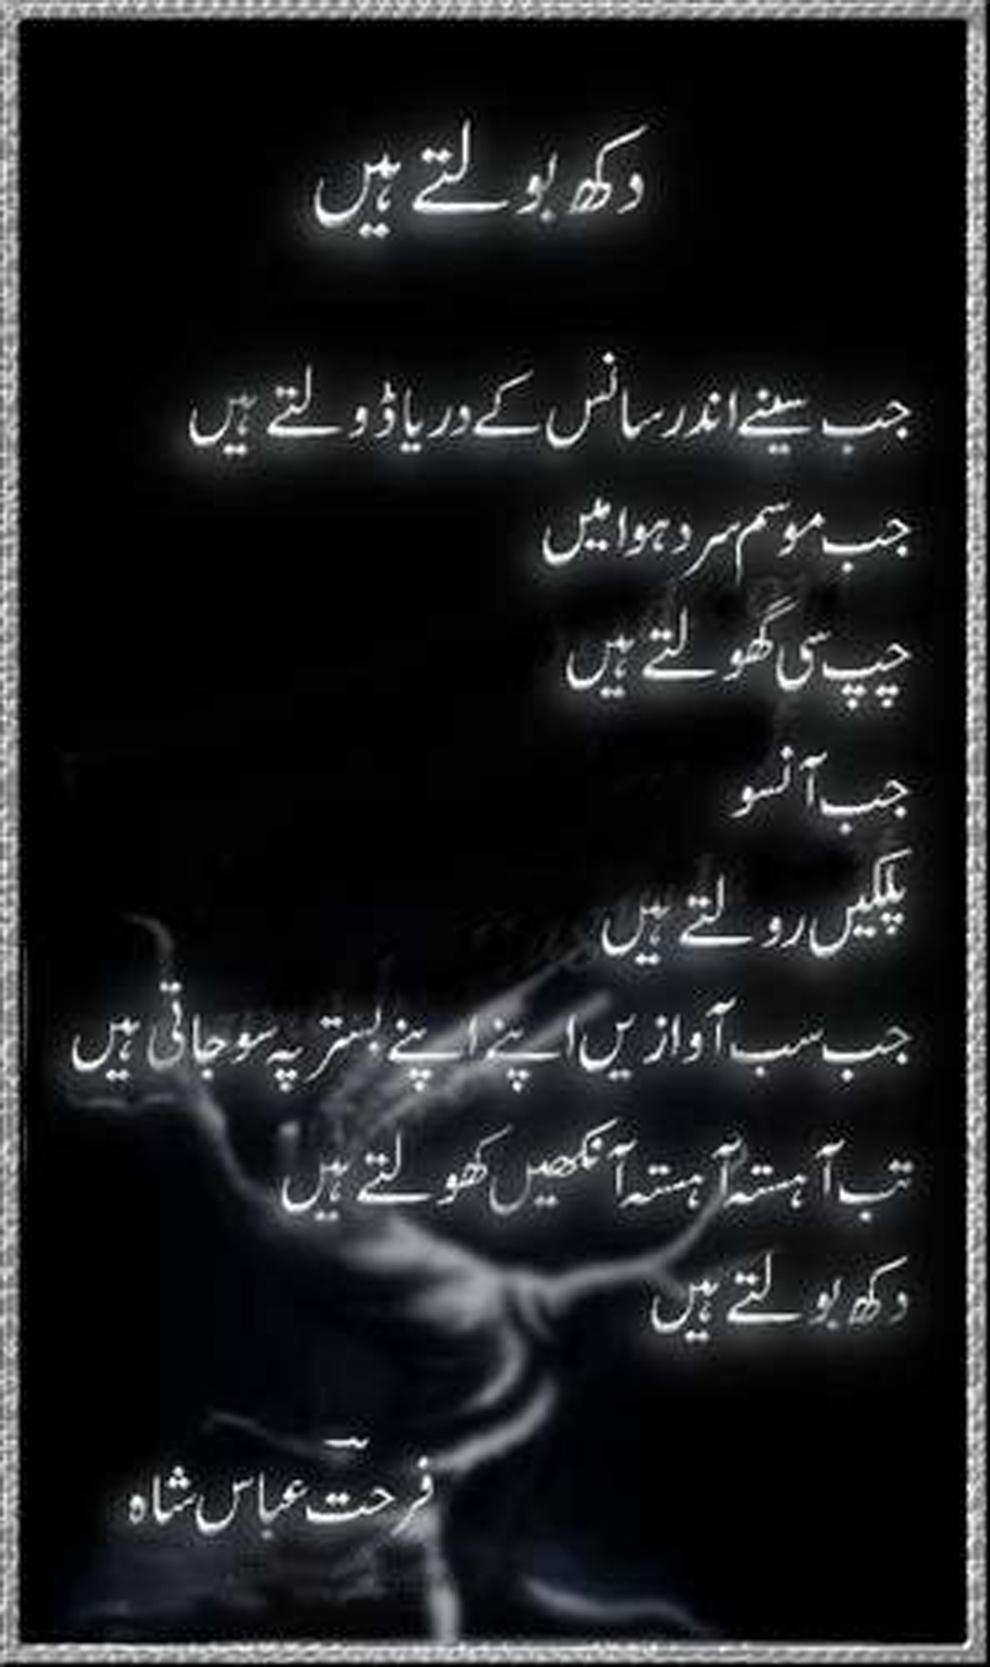 50 love poetry wallpapers in urdu on wallpapersafari - Wallpaper urdu poetry islamic ...